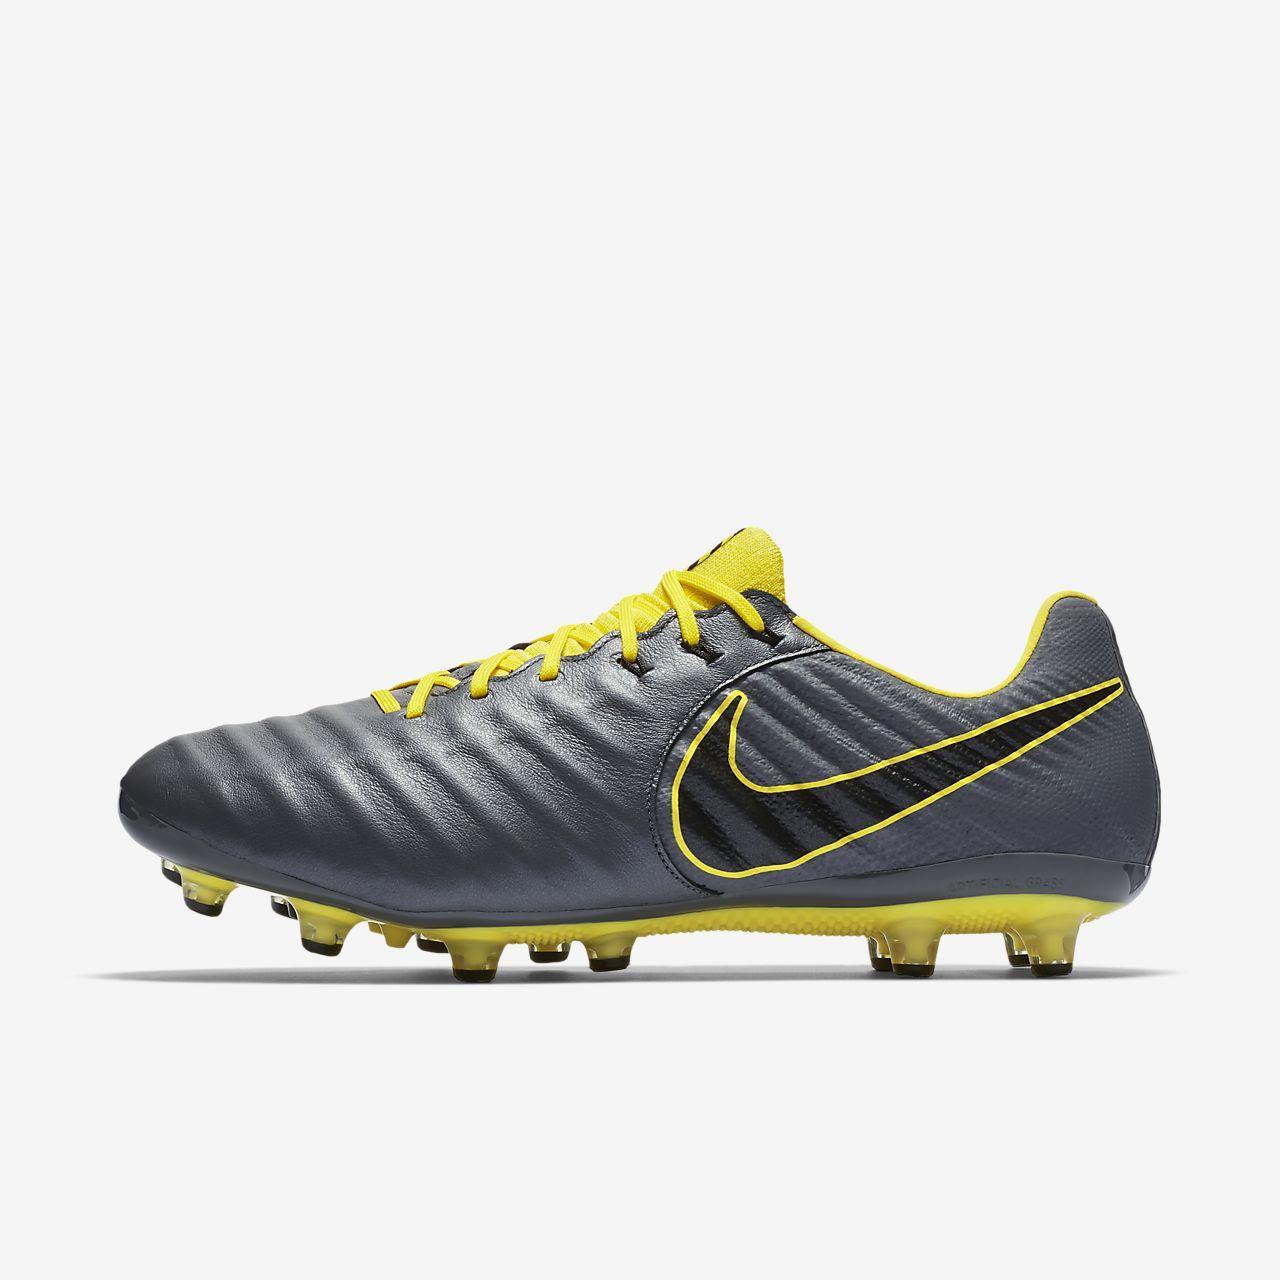 12bafbf9a ... Chuteiras de futebol para relva artificial Nike Legend VII Elite AG-PRO